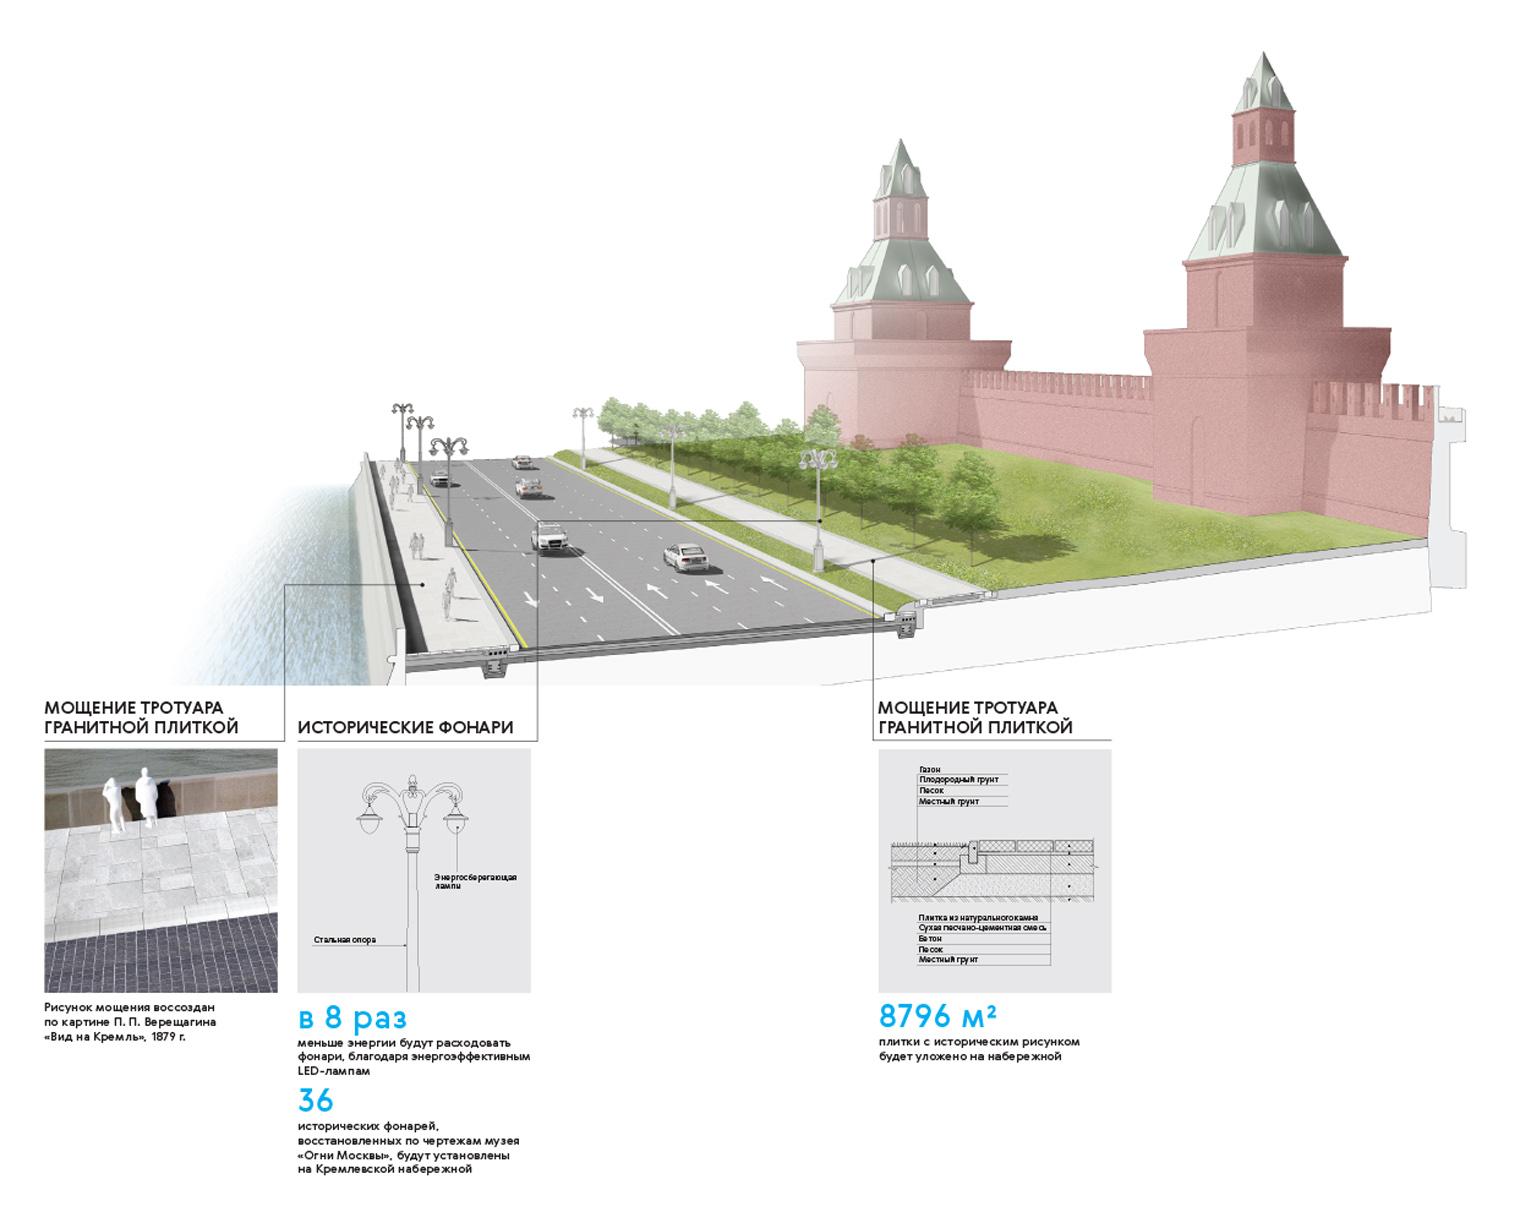 Реконструкция Кремлевской набережной